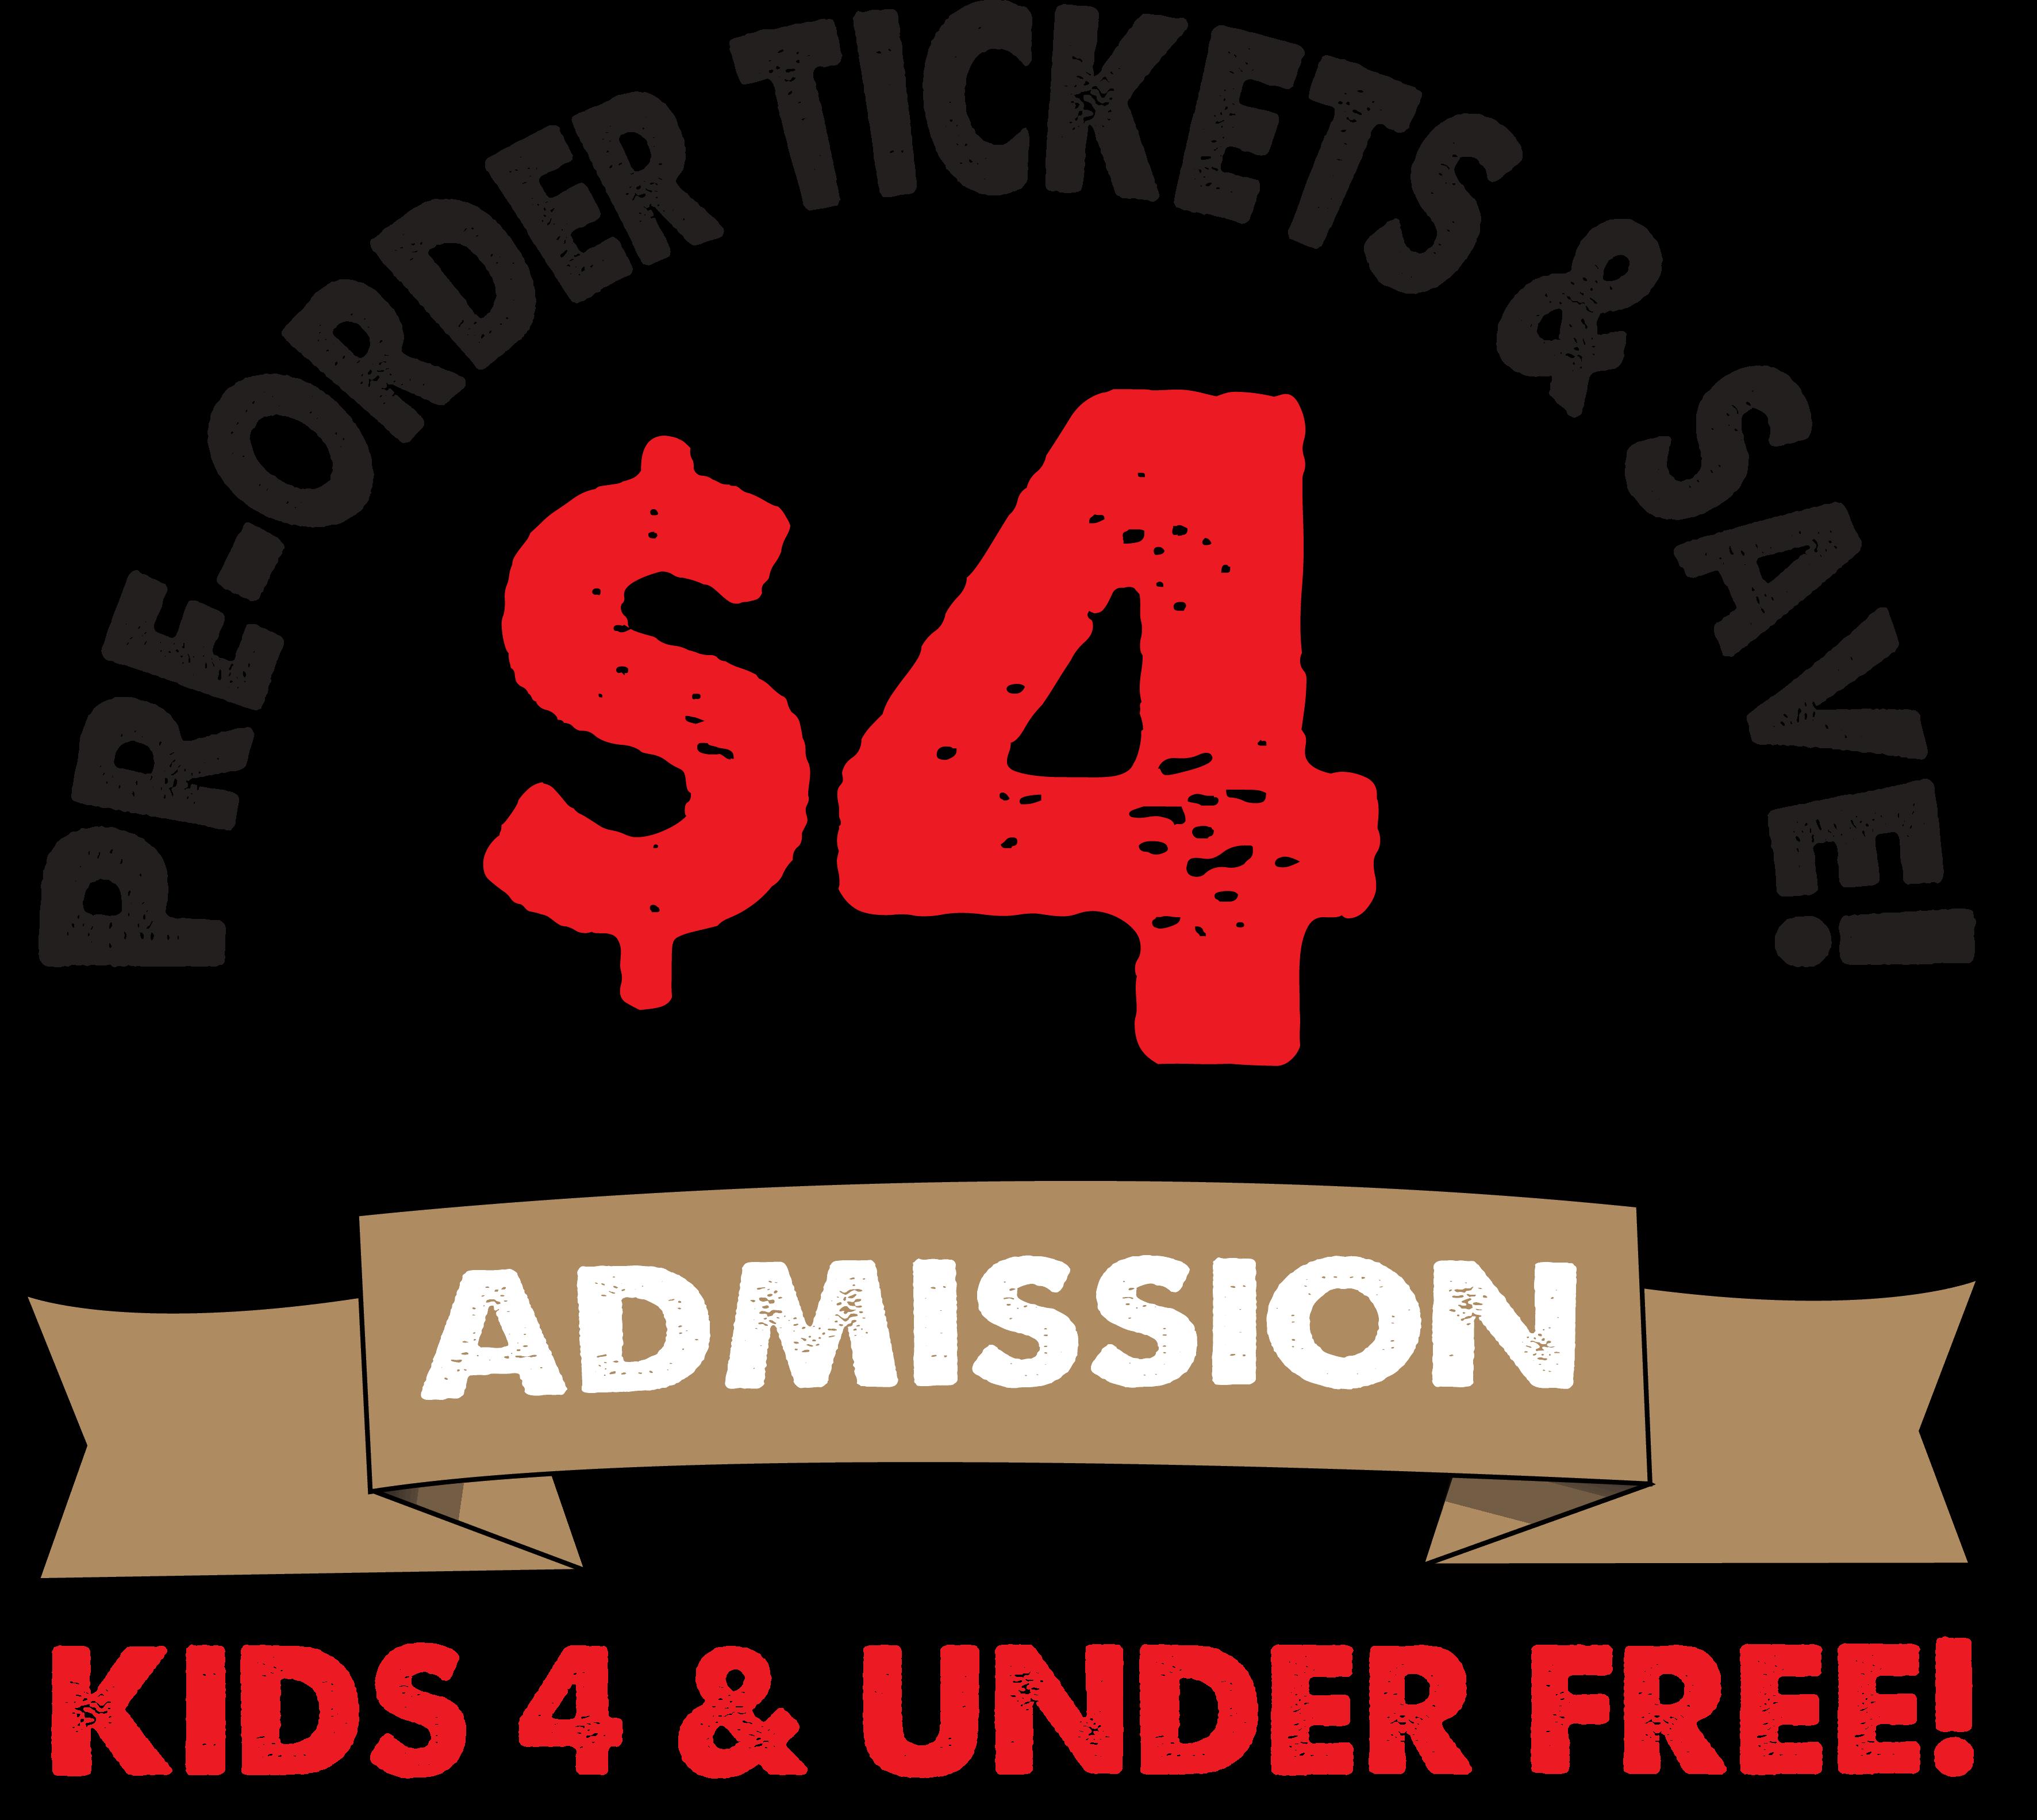 admission-price